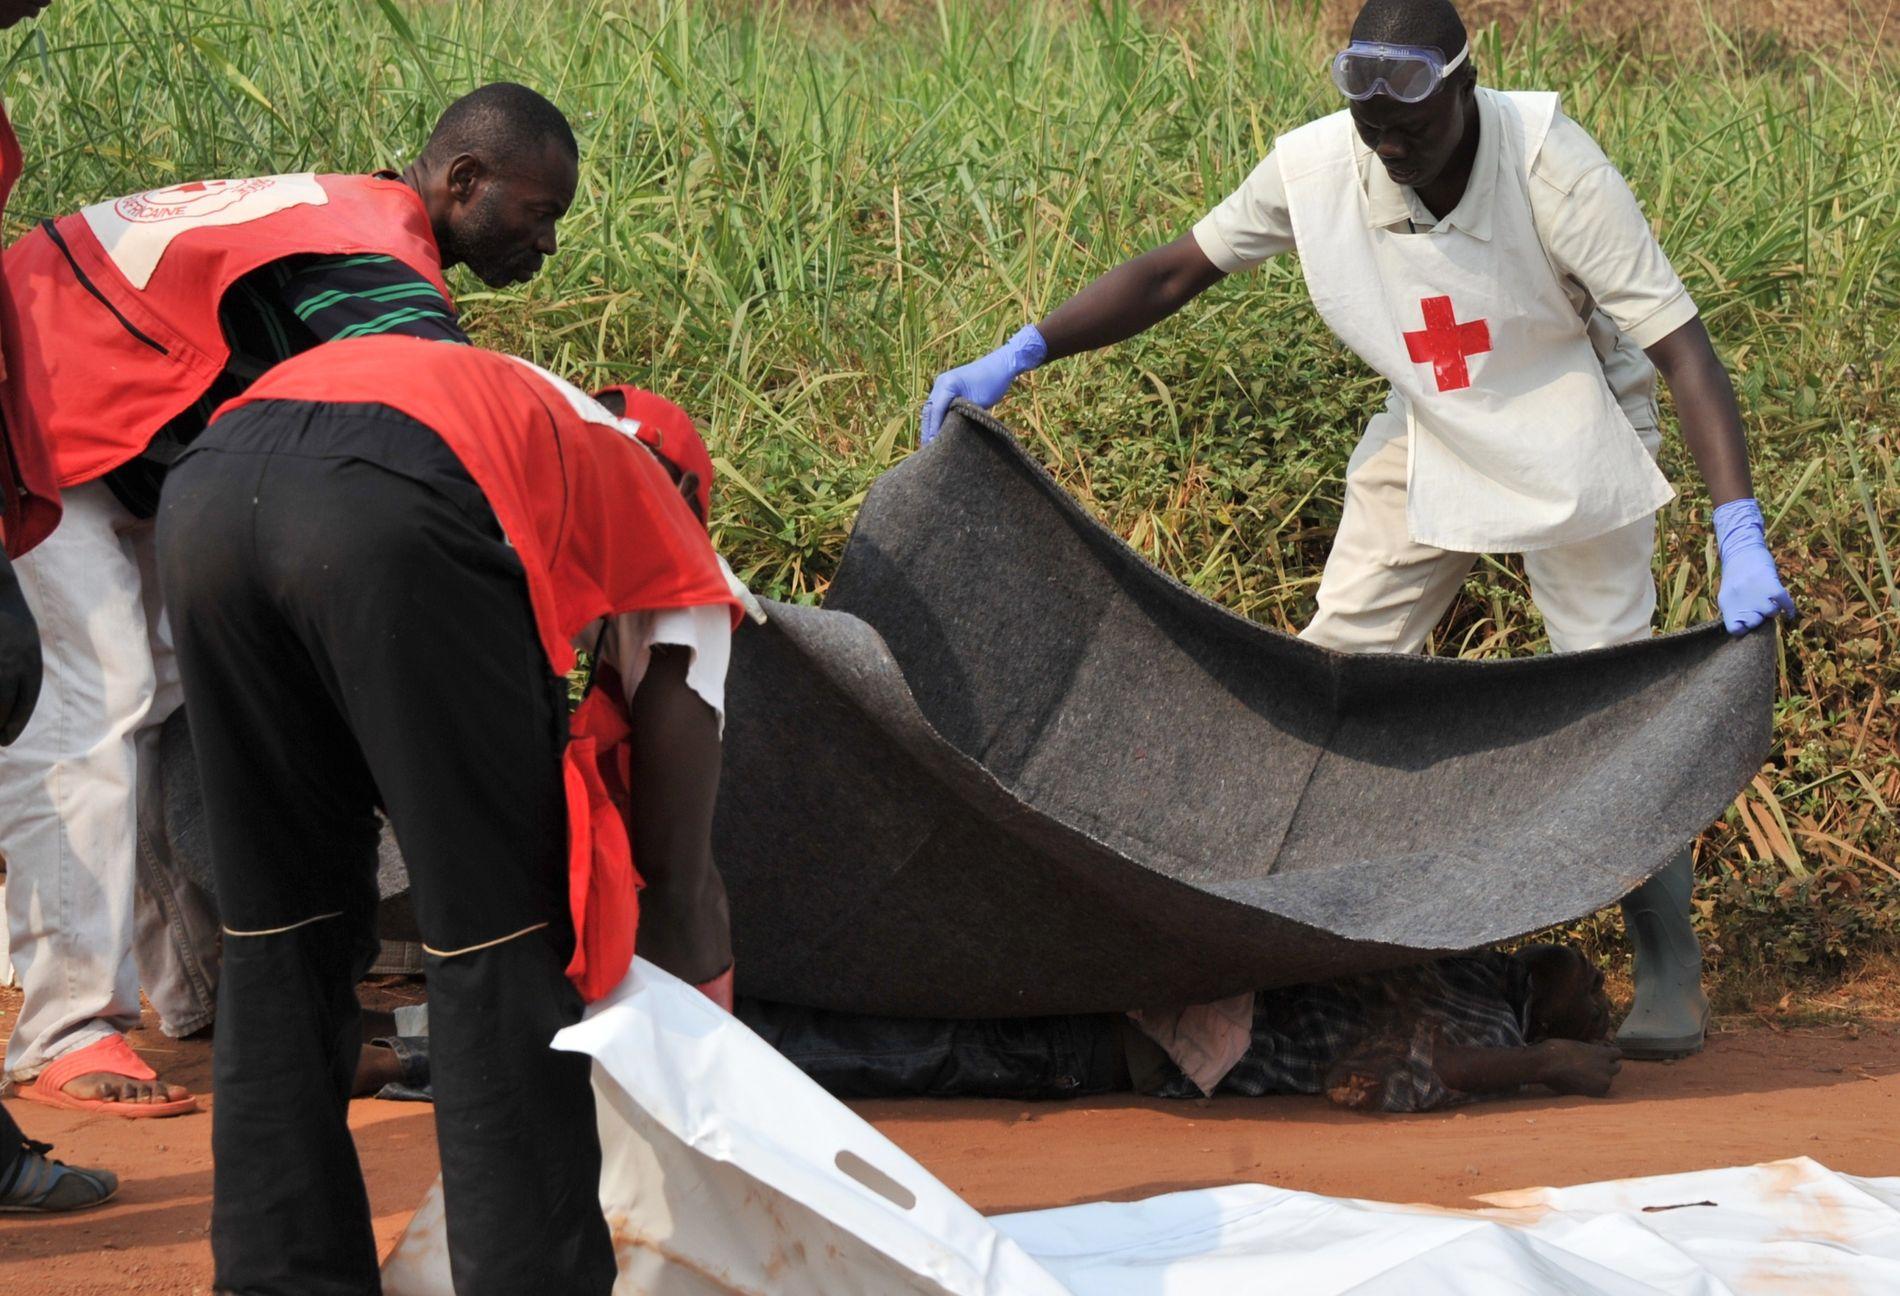 FARLIG: Røde Kors arbeidere i Den sentralafrikanske republikken blir stadig angrepet. Her er hjelpearbeidere fra organisasjonen i aksjon etter et tidligere angrep mot sivile i Den sentralafrikanske republikk. Foto: AFP